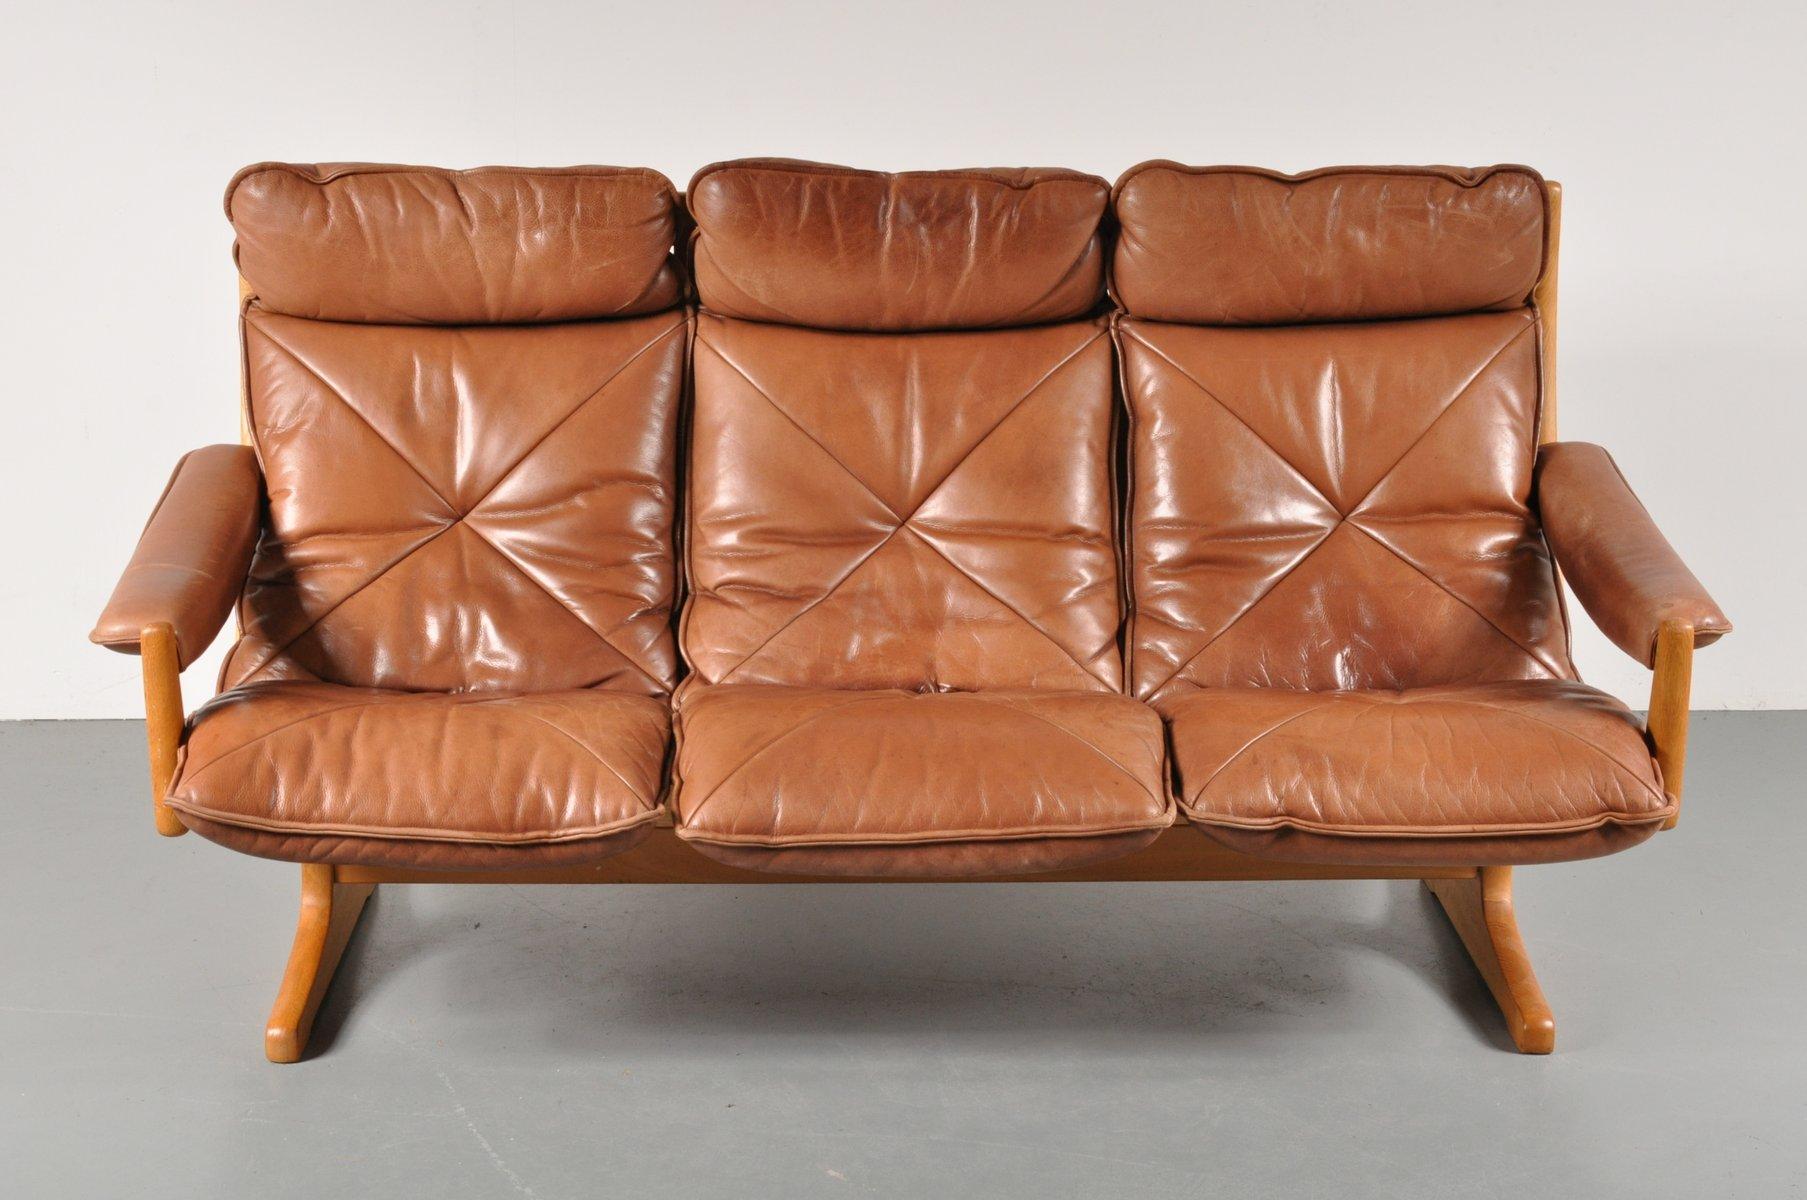 skandinavisches drei sitzer sofa von lied 1970er bei pamono kaufen. Black Bedroom Furniture Sets. Home Design Ideas